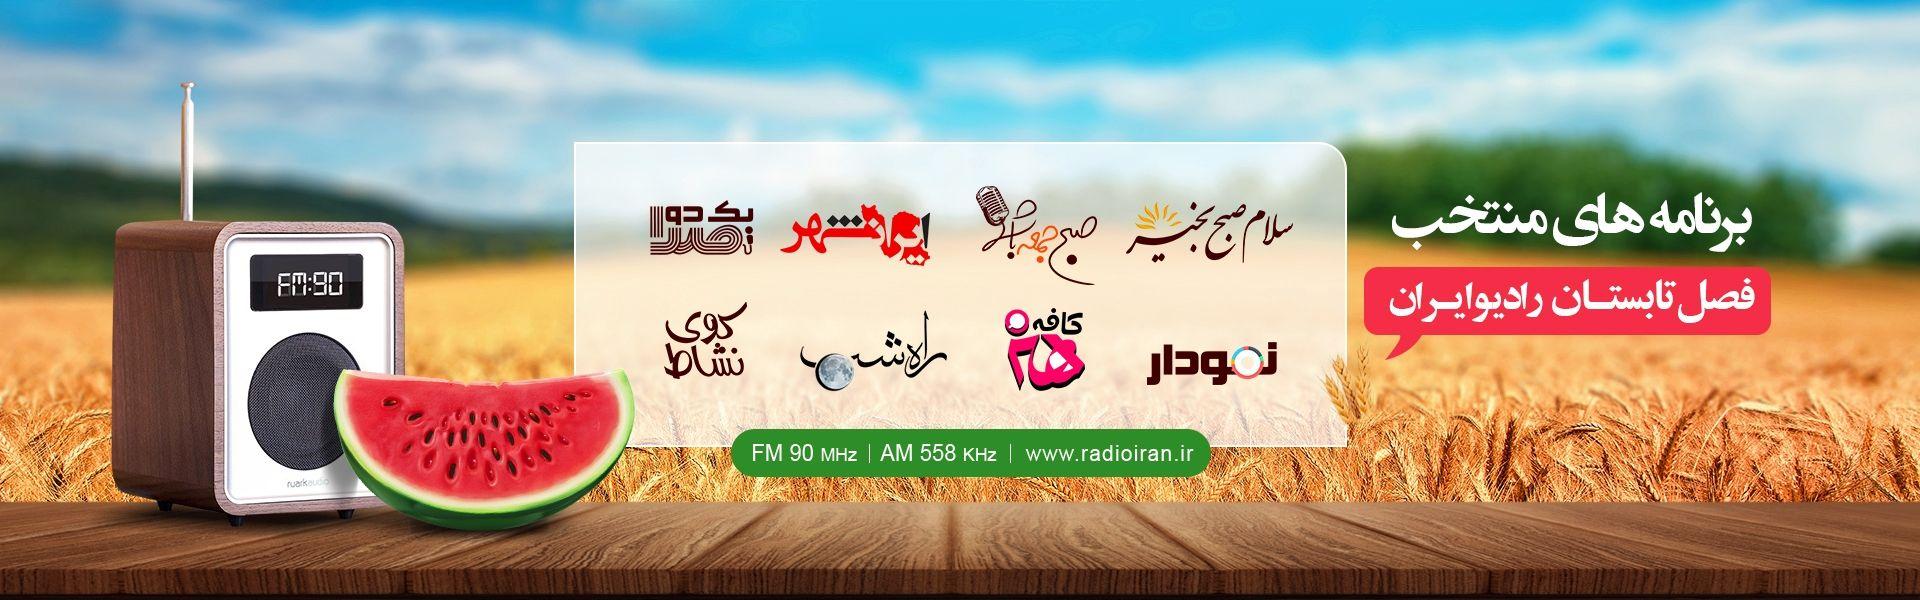 برنامههای منتخب فصل تابستان رادیو ایران